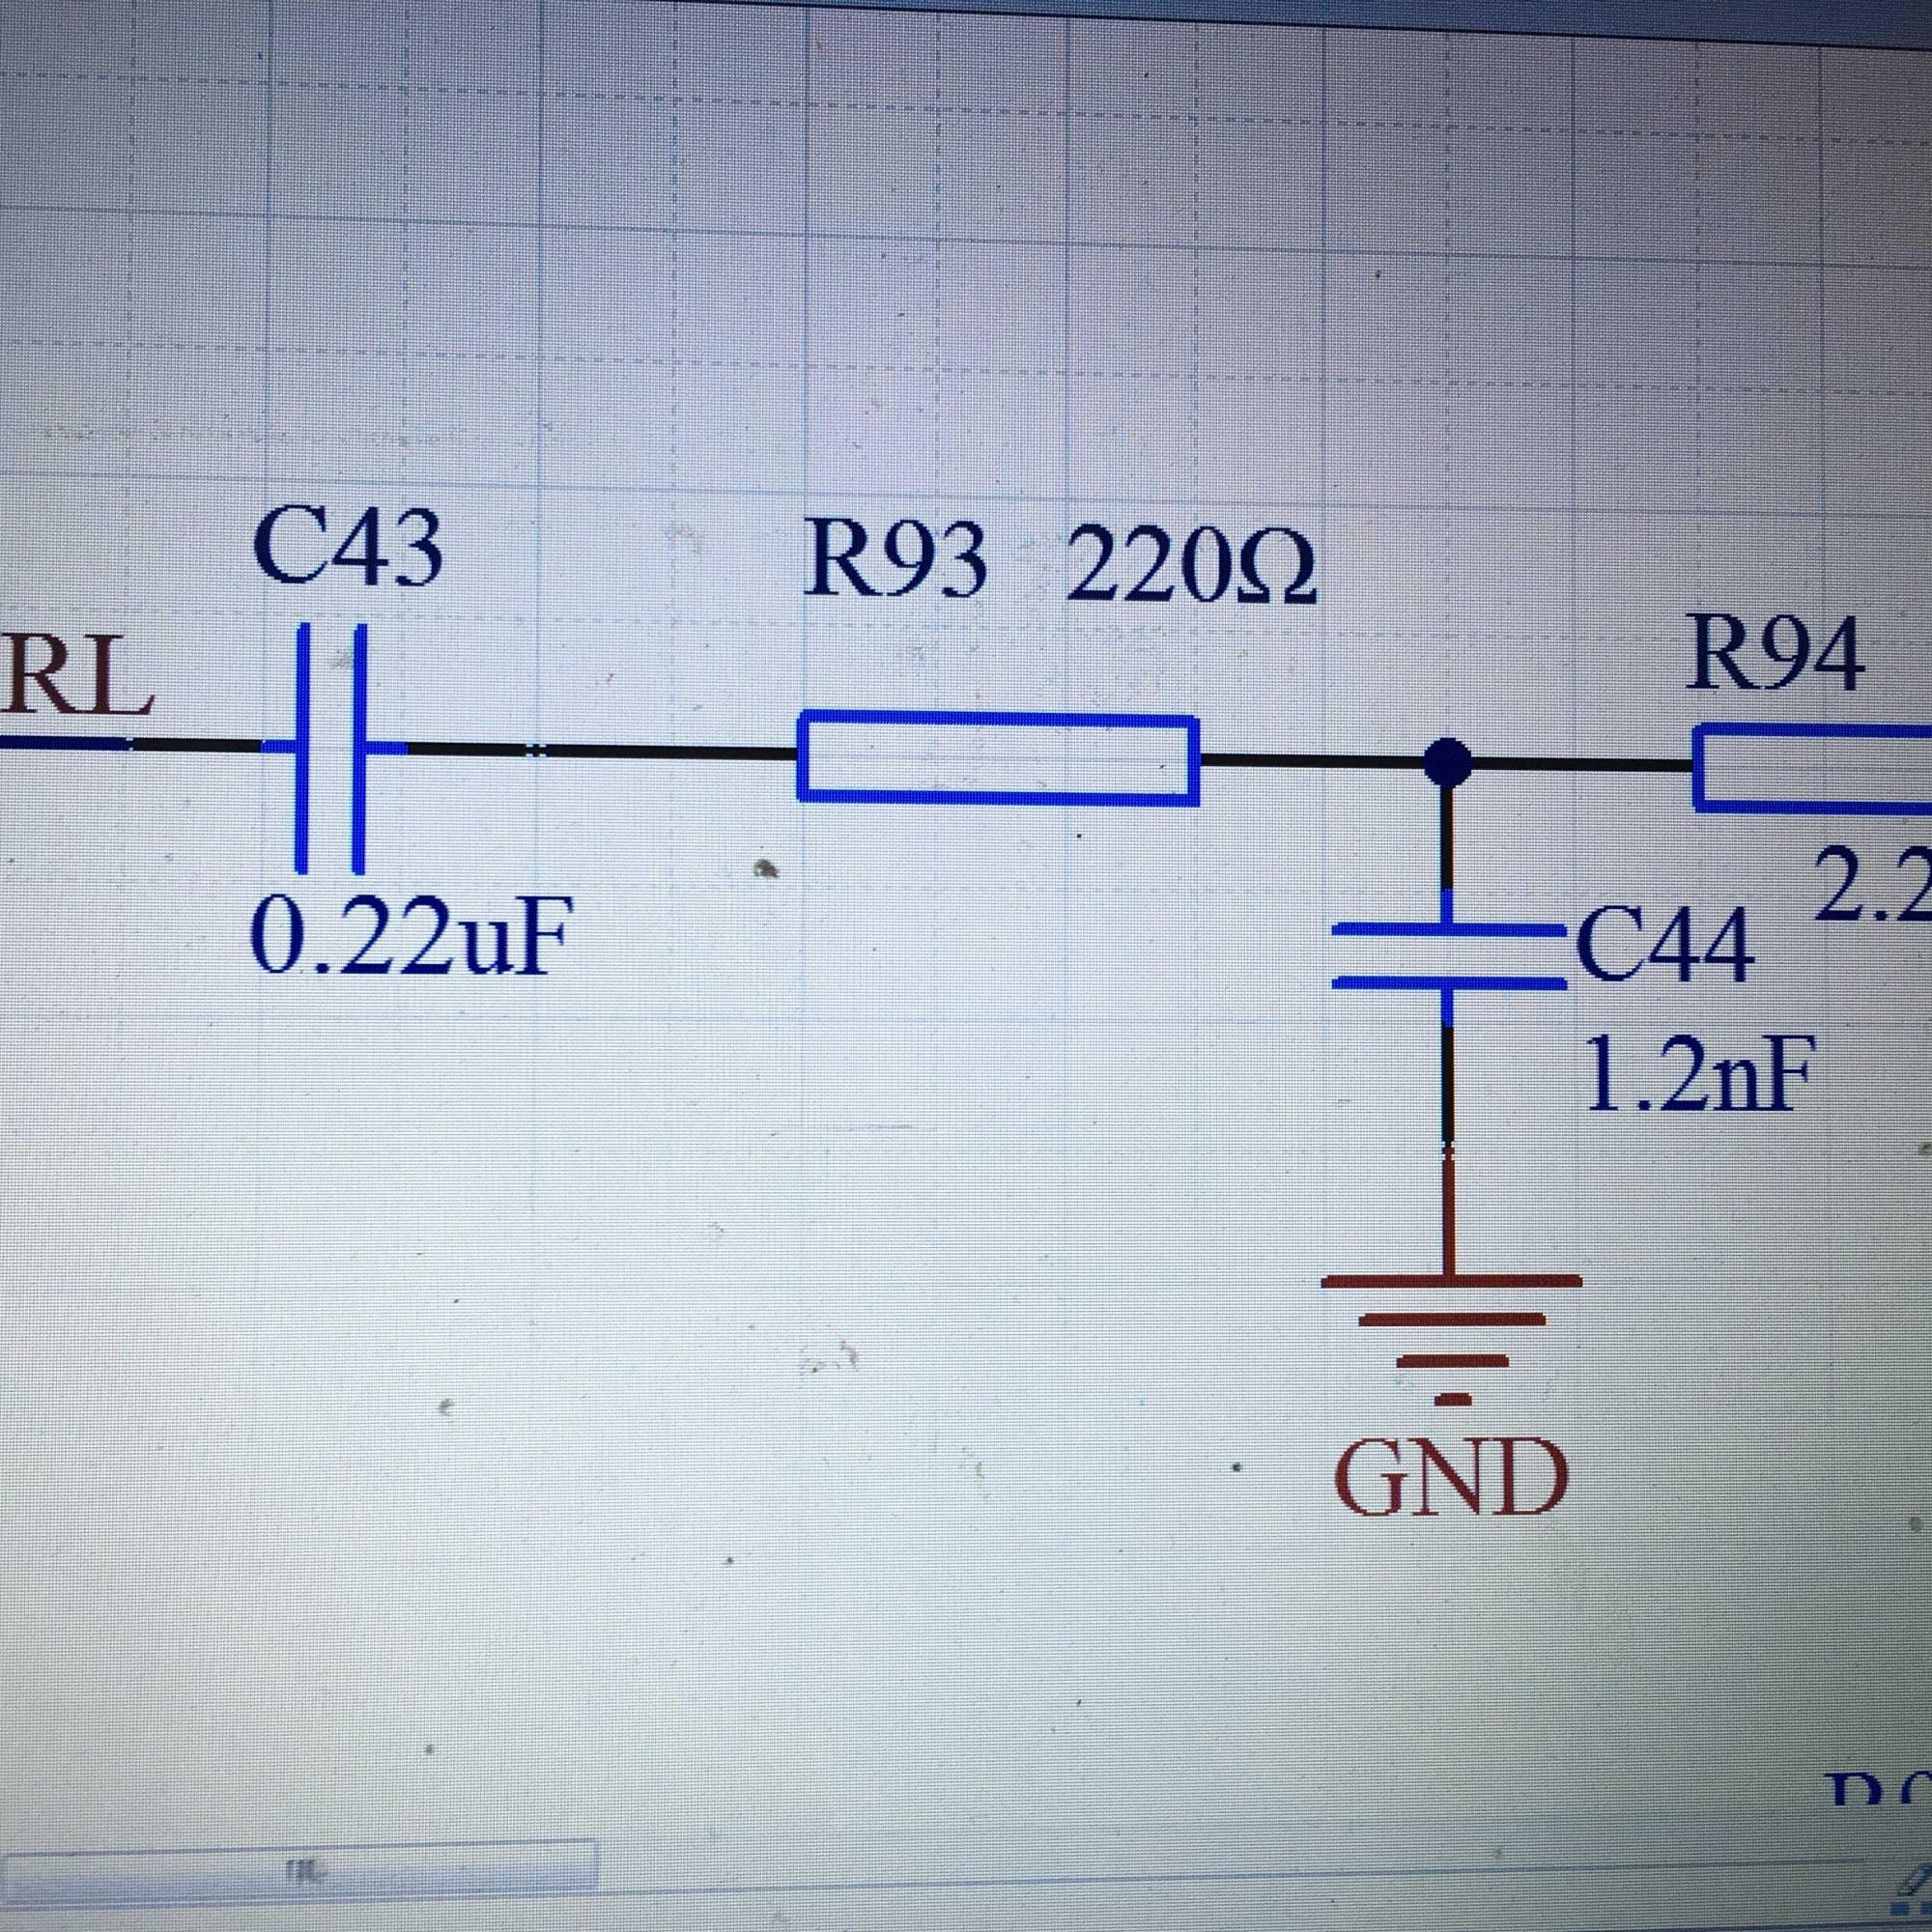 rc无源滤波器 - 电路设计论坛 - 中国电子技术论坛